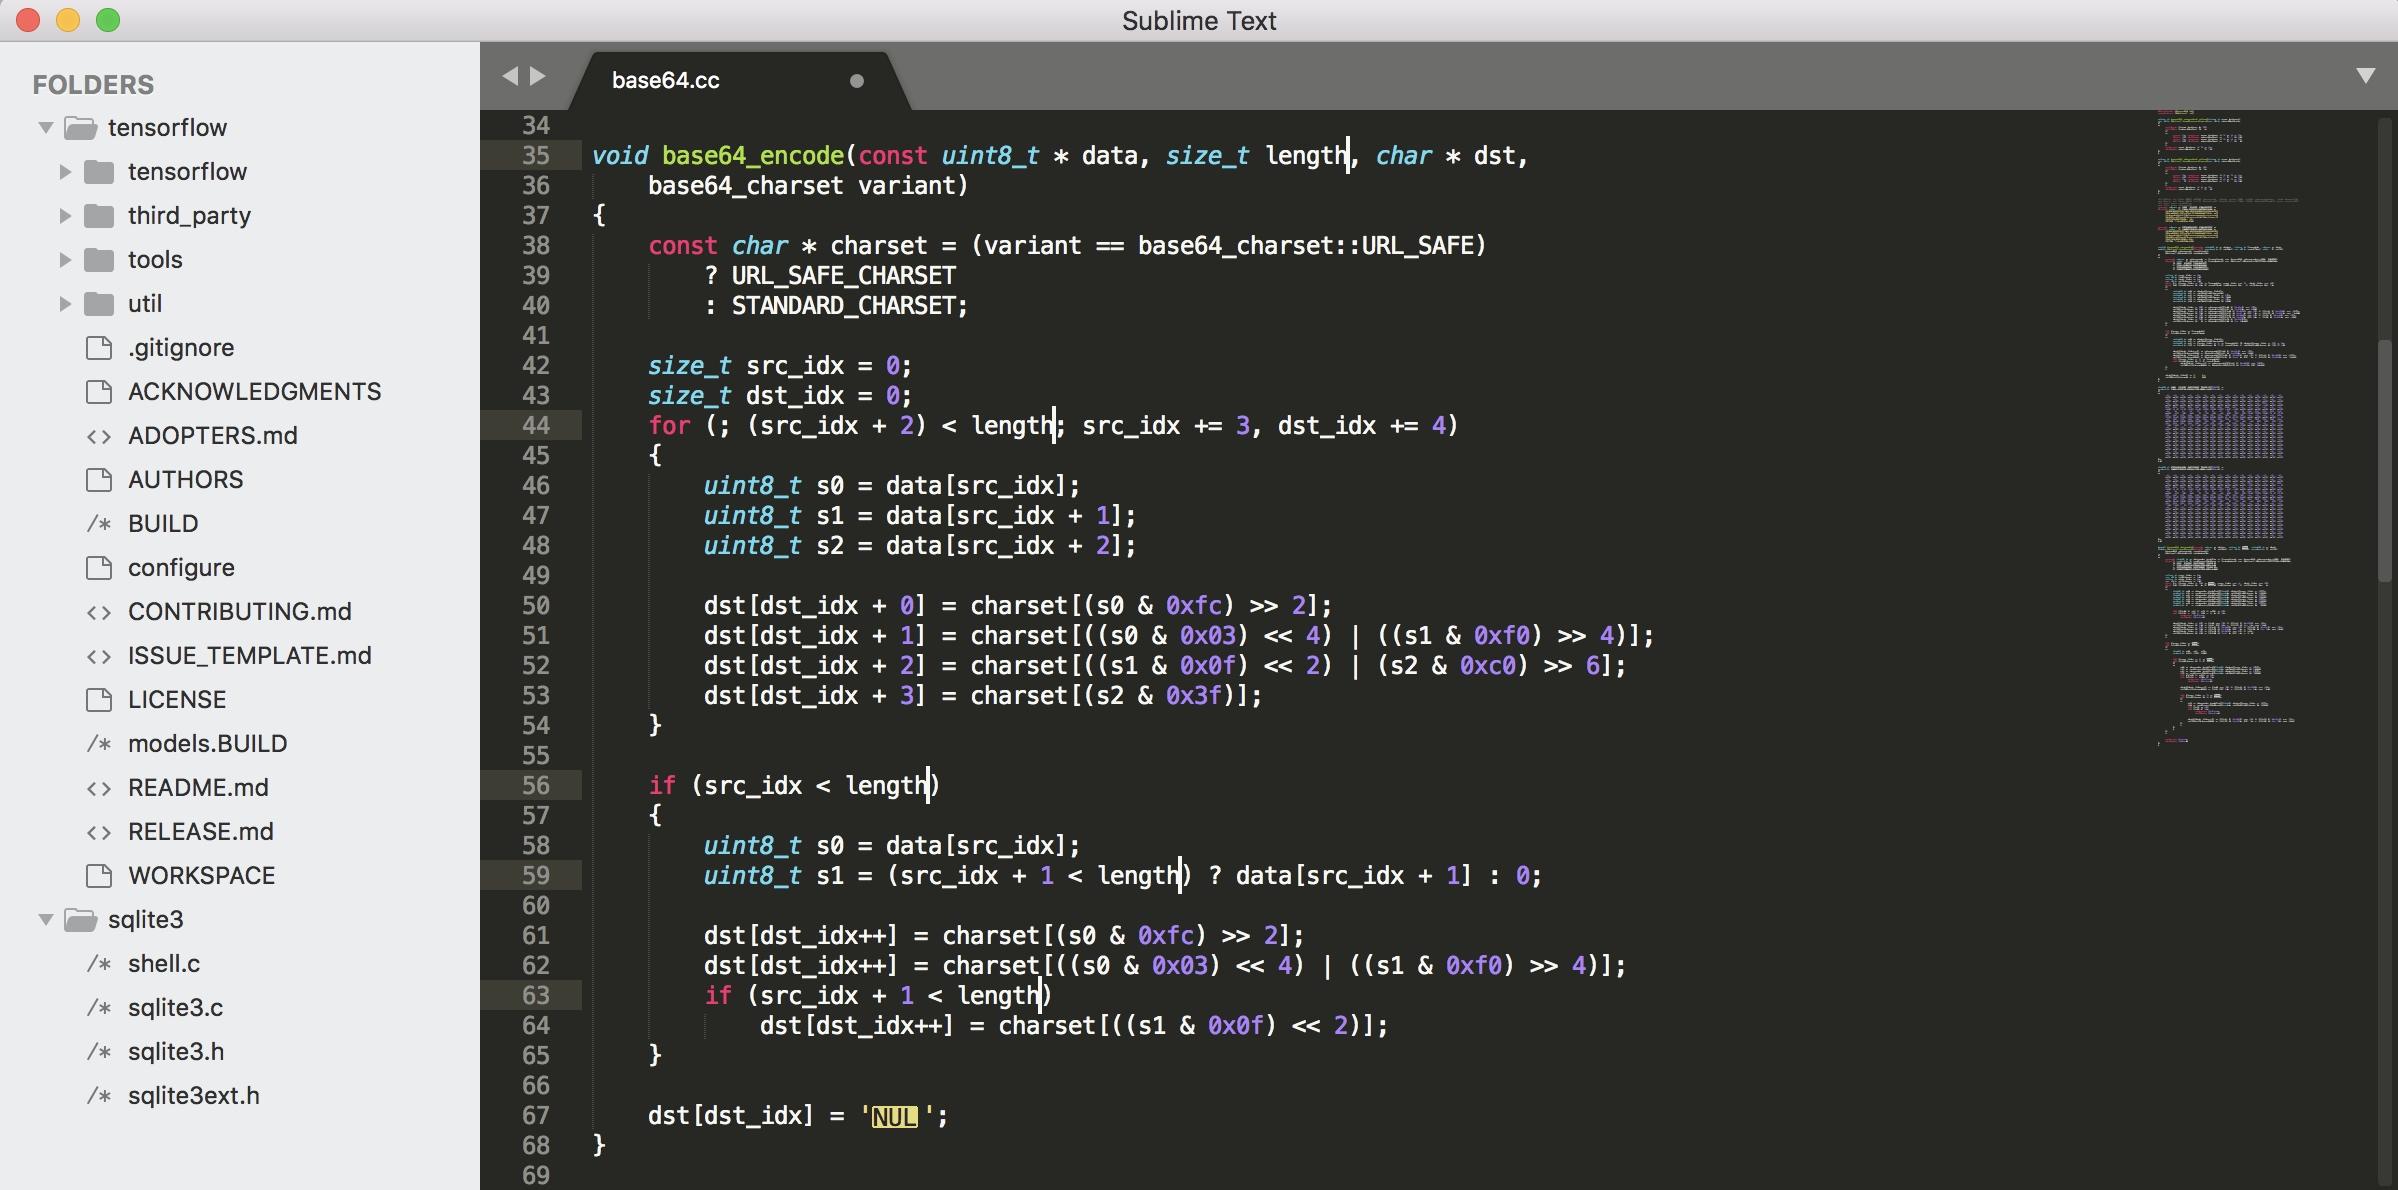 用来编写代码也是非常好用